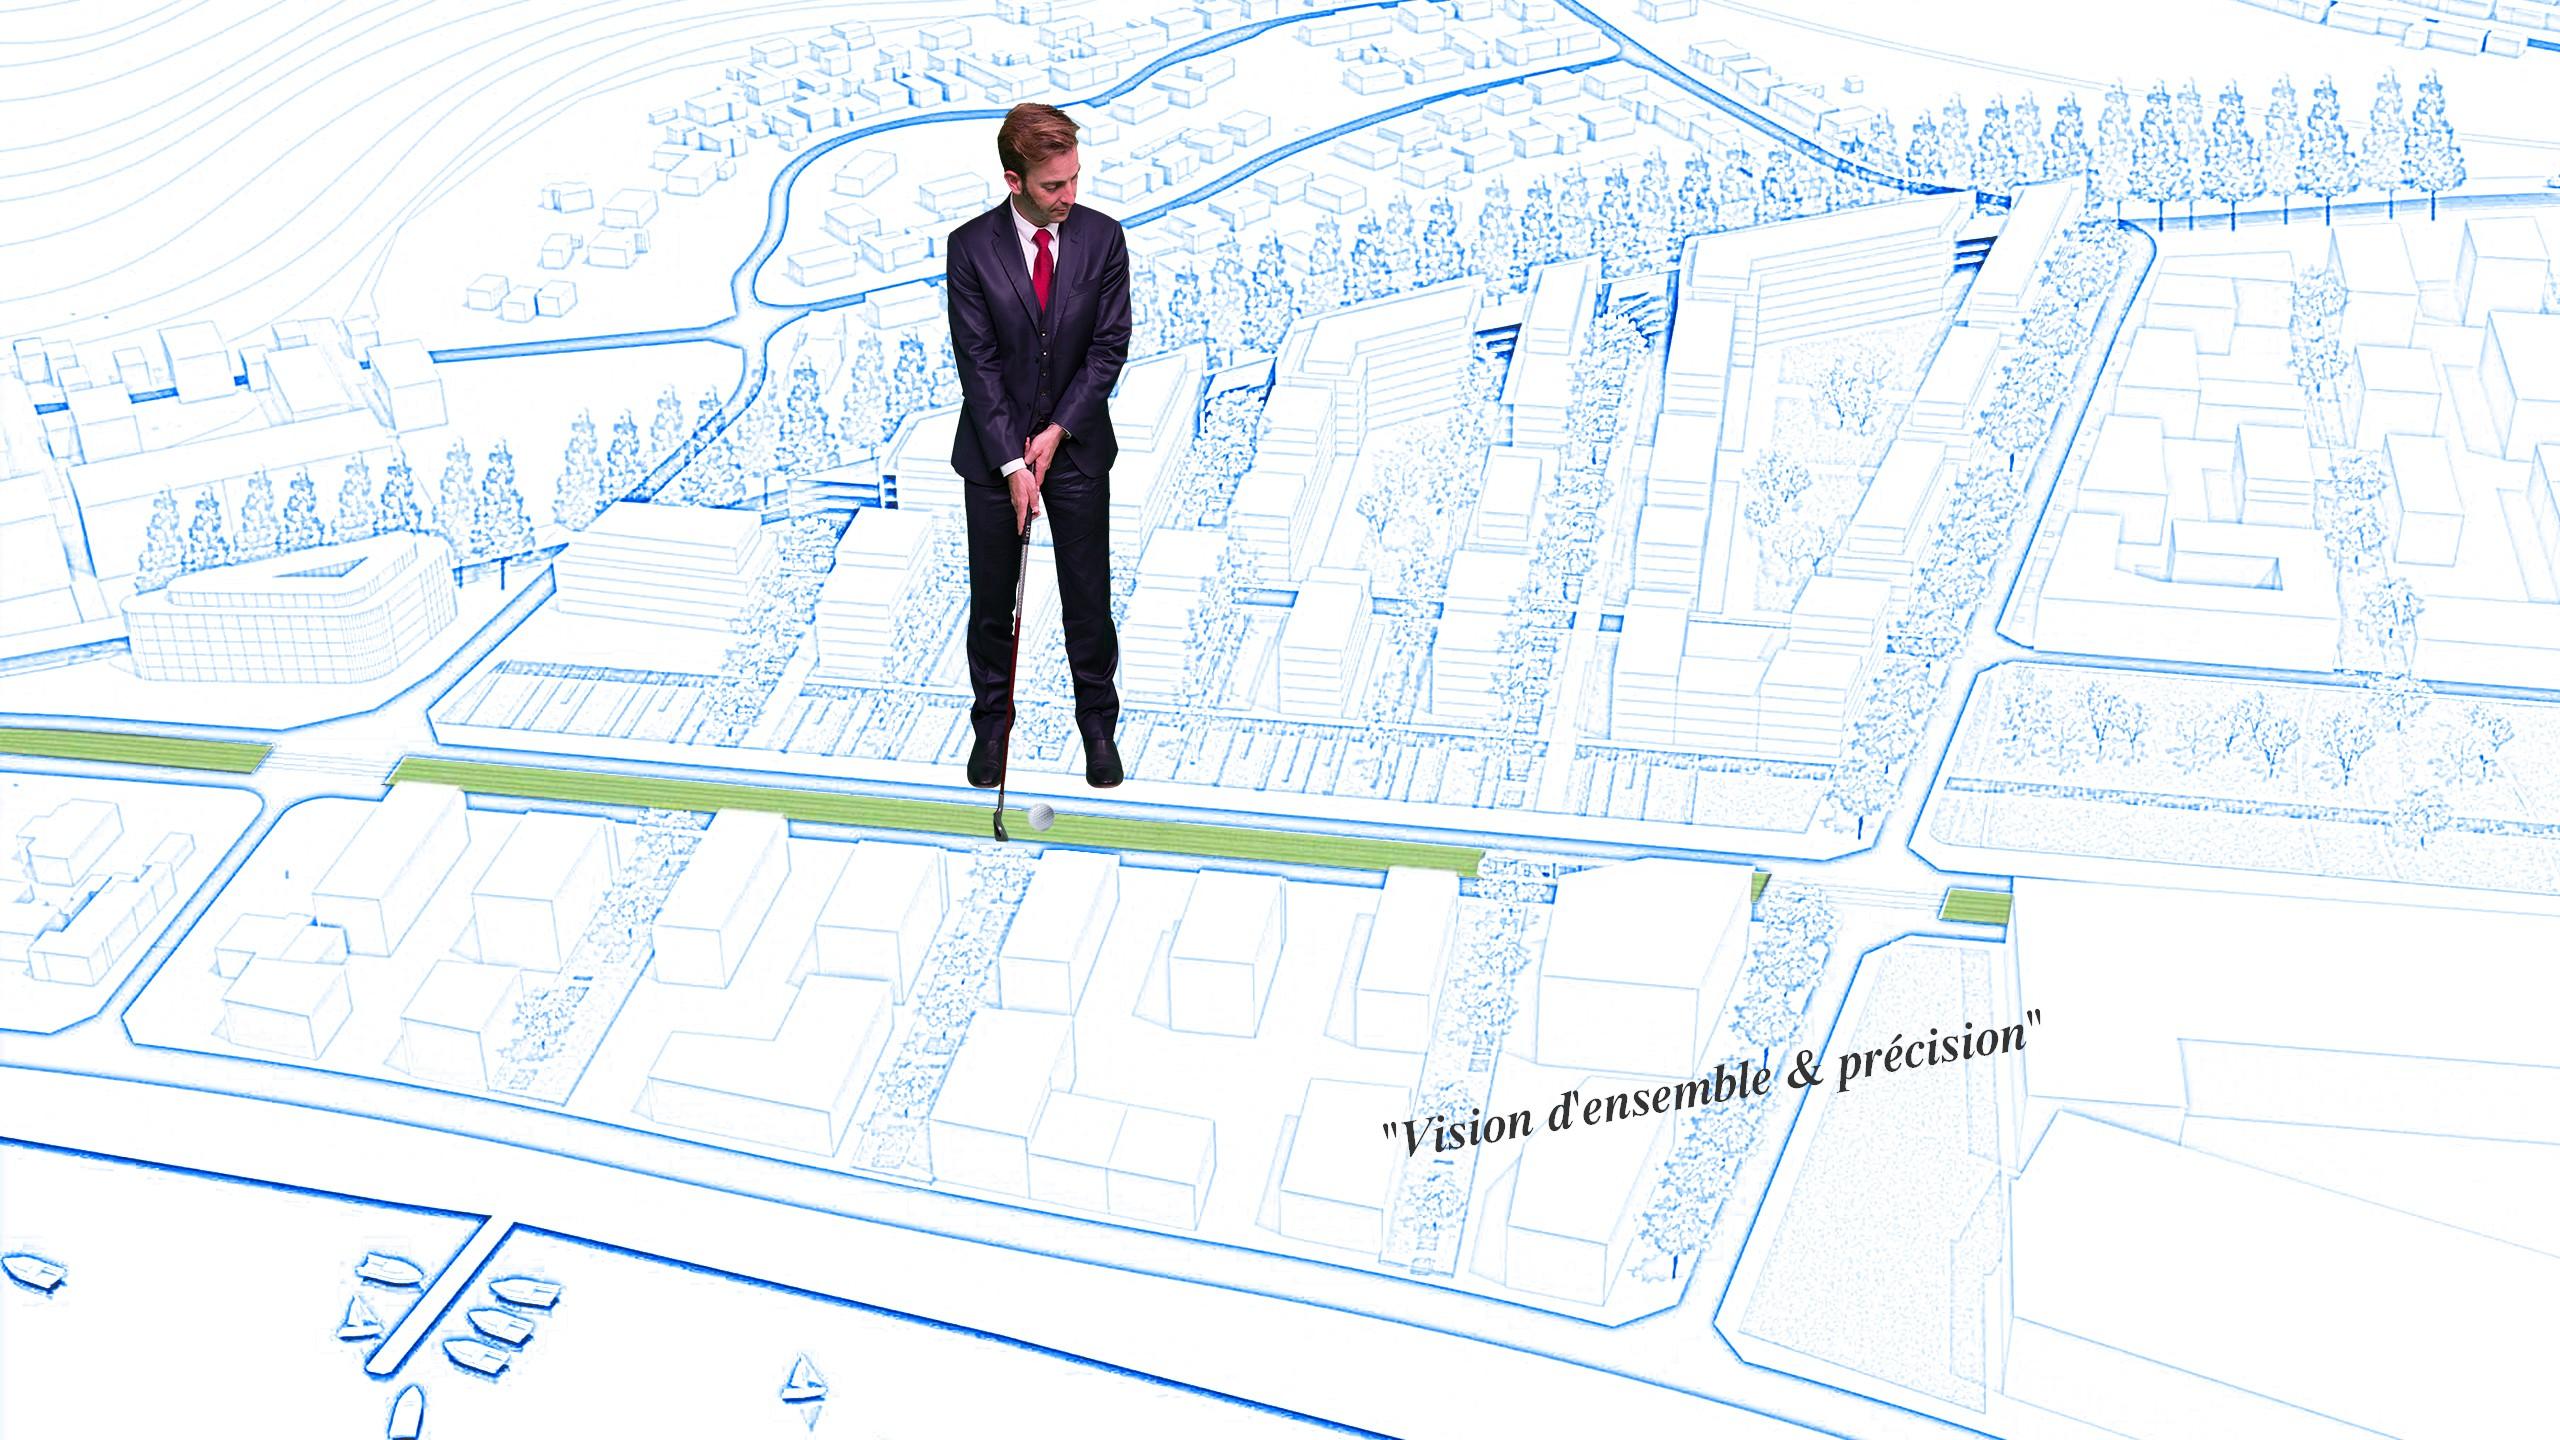 Comme en golf, l'Aménagement urbain nécessite une vision d'ensemble et de la précision